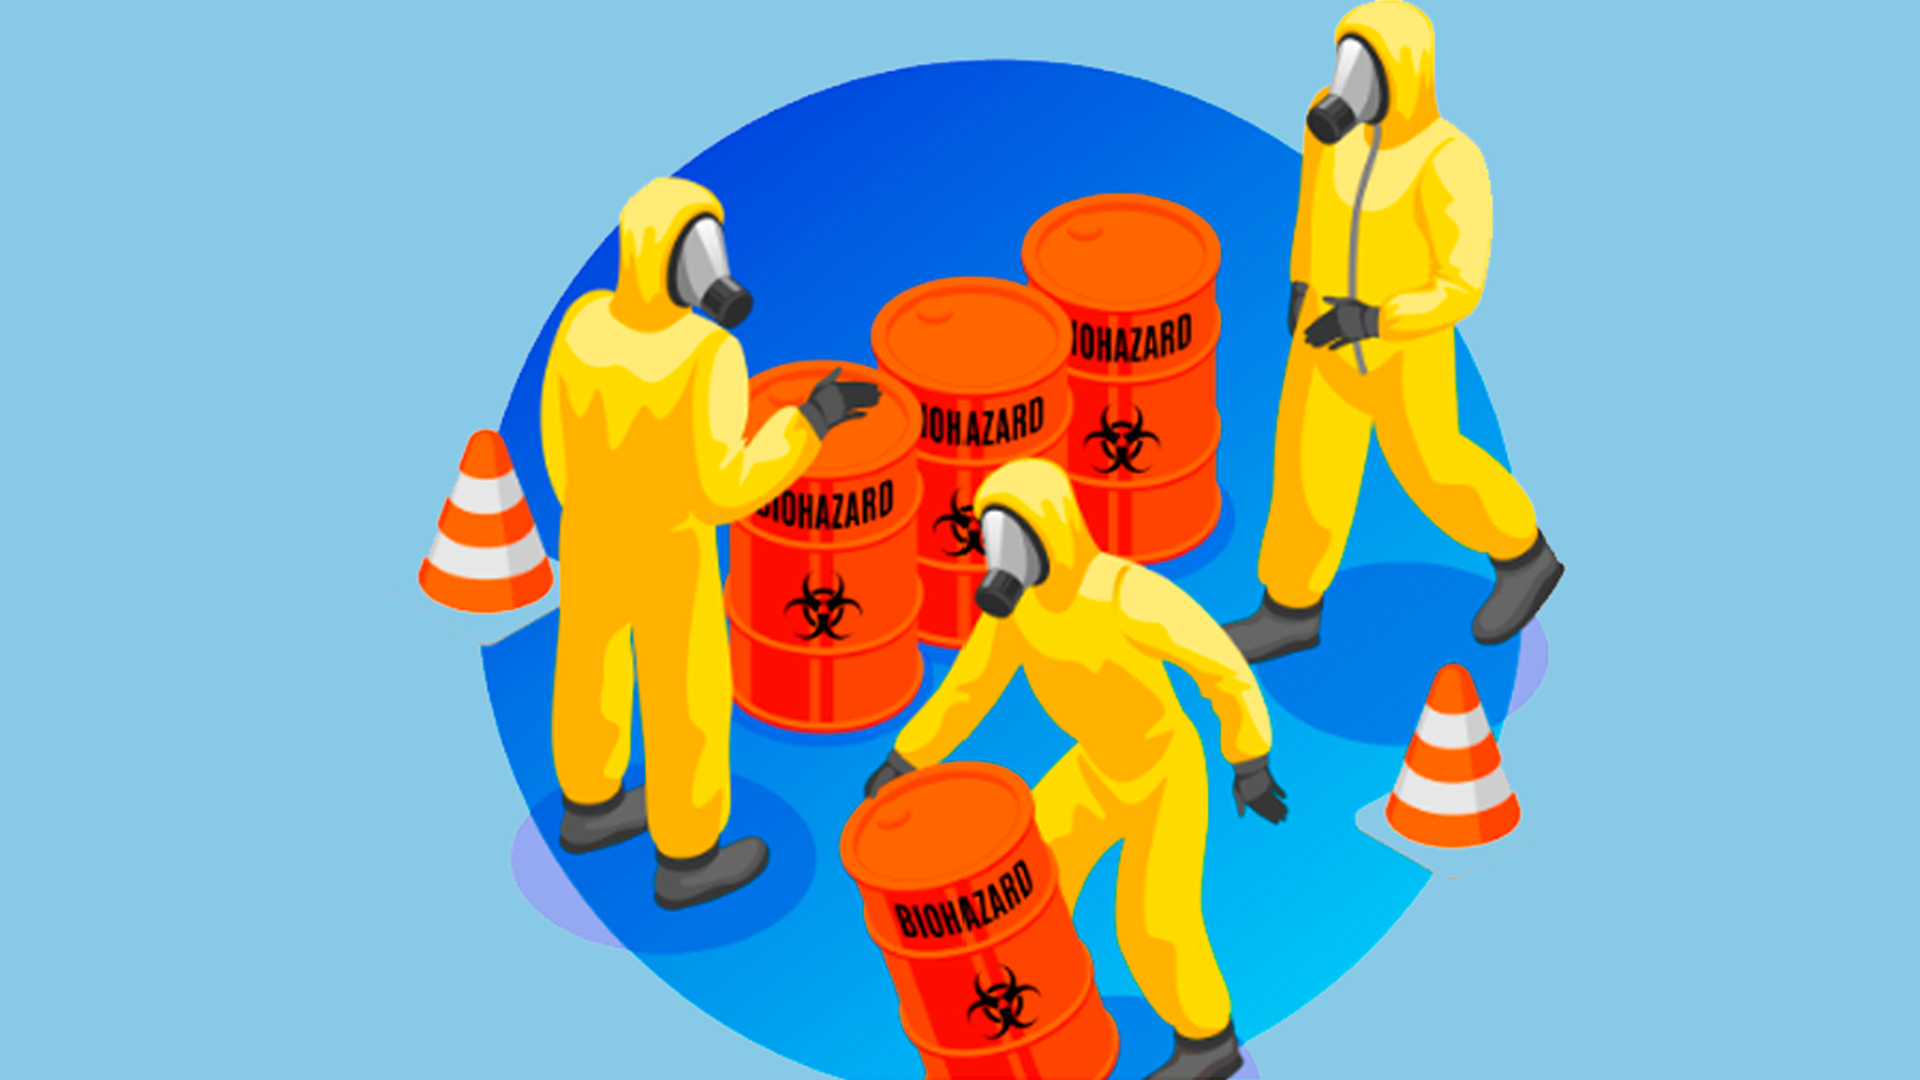 Manejo y Almacenamiento de Sustancias Peligrosas de Acuerdo al DS43